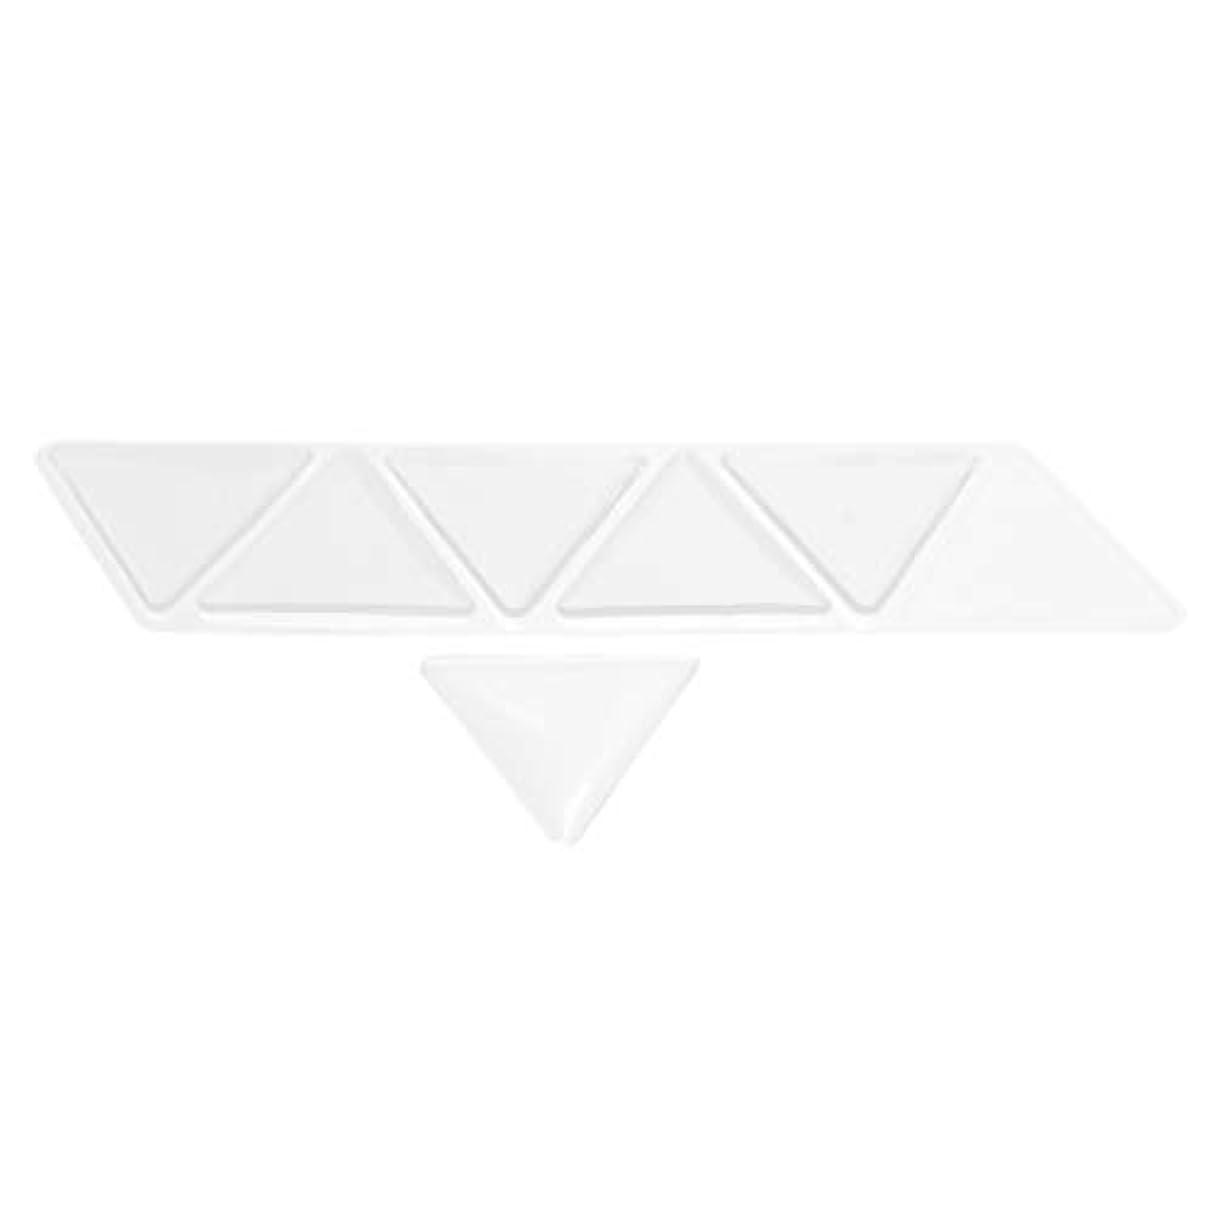 摂氏度追放ボンドHellery 額パッド シリコン 透明 額スキンケア 再利用可能な 目に見えない 三角パッド 6個セット